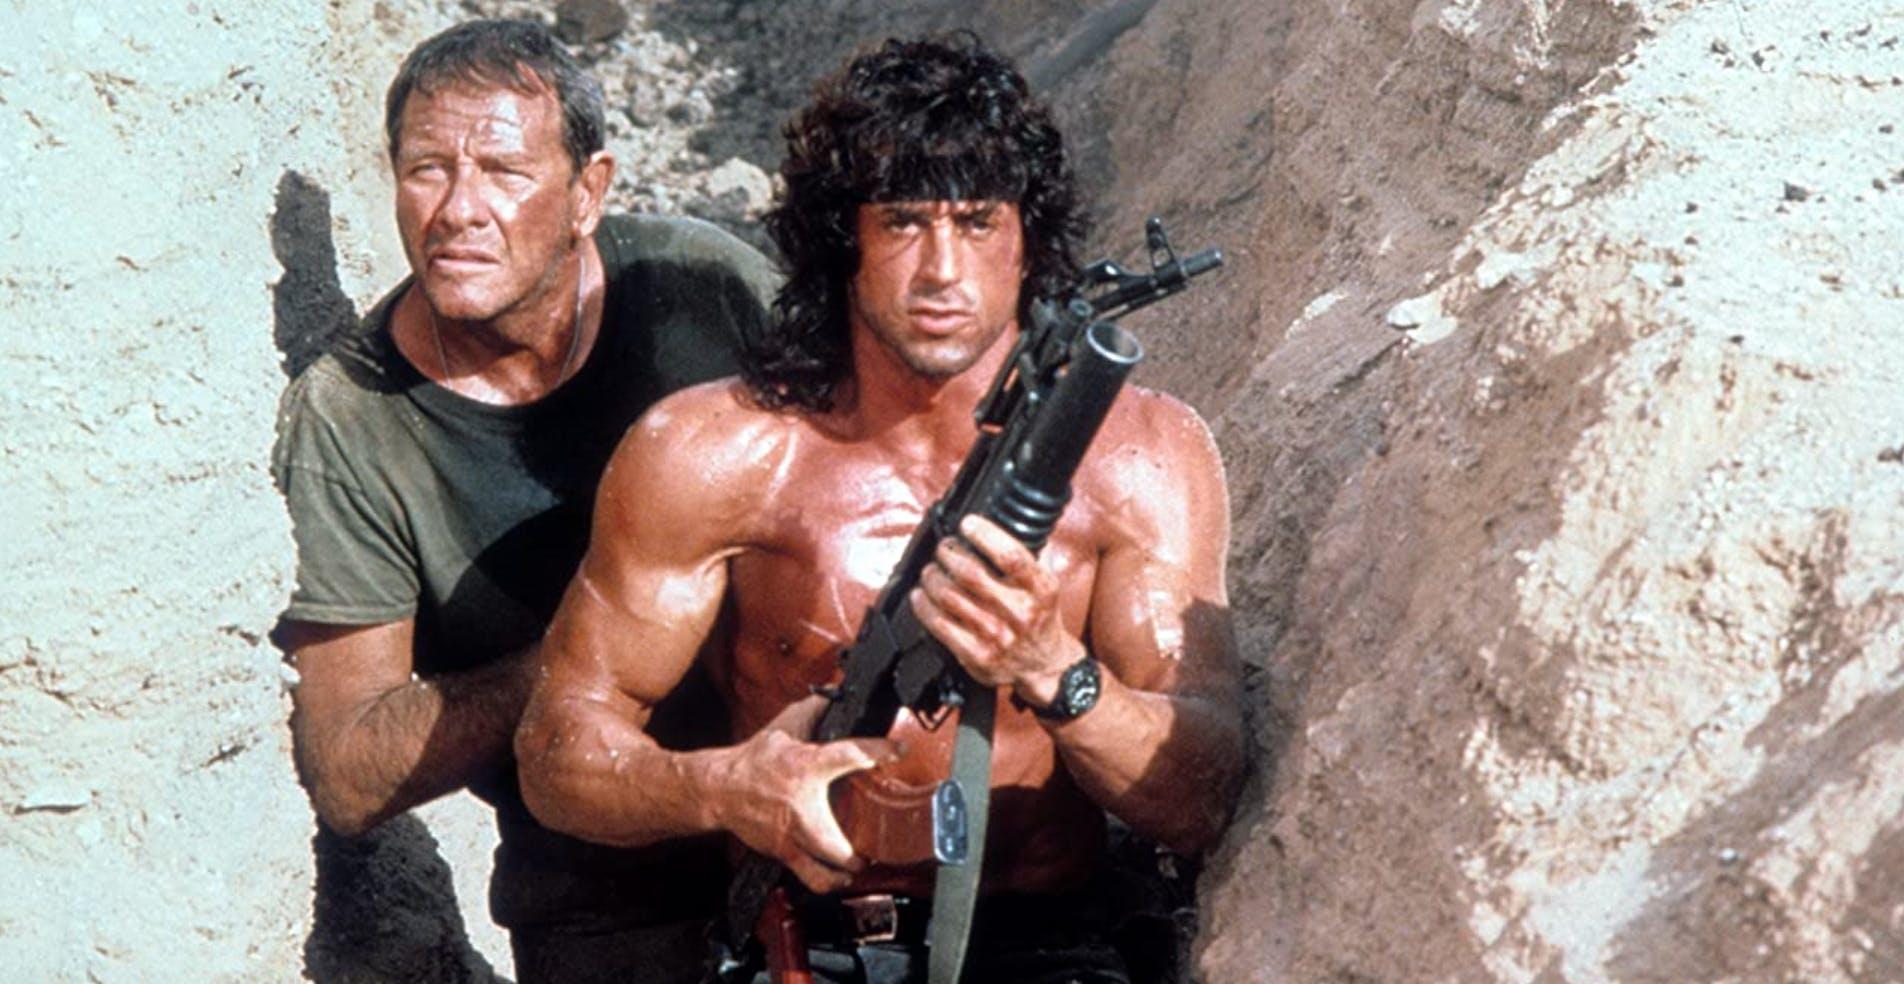 Wiederum «Rambo III»: Richard Crenna (links) fragt Sly im Verlauf, wie es seiner Wunde gehe. «Du hast uns beigebracht, Schmerz auszublenden.» – «Funktioniert's?» – «Nicht wirklich. Nimm das nicht persönlich.»